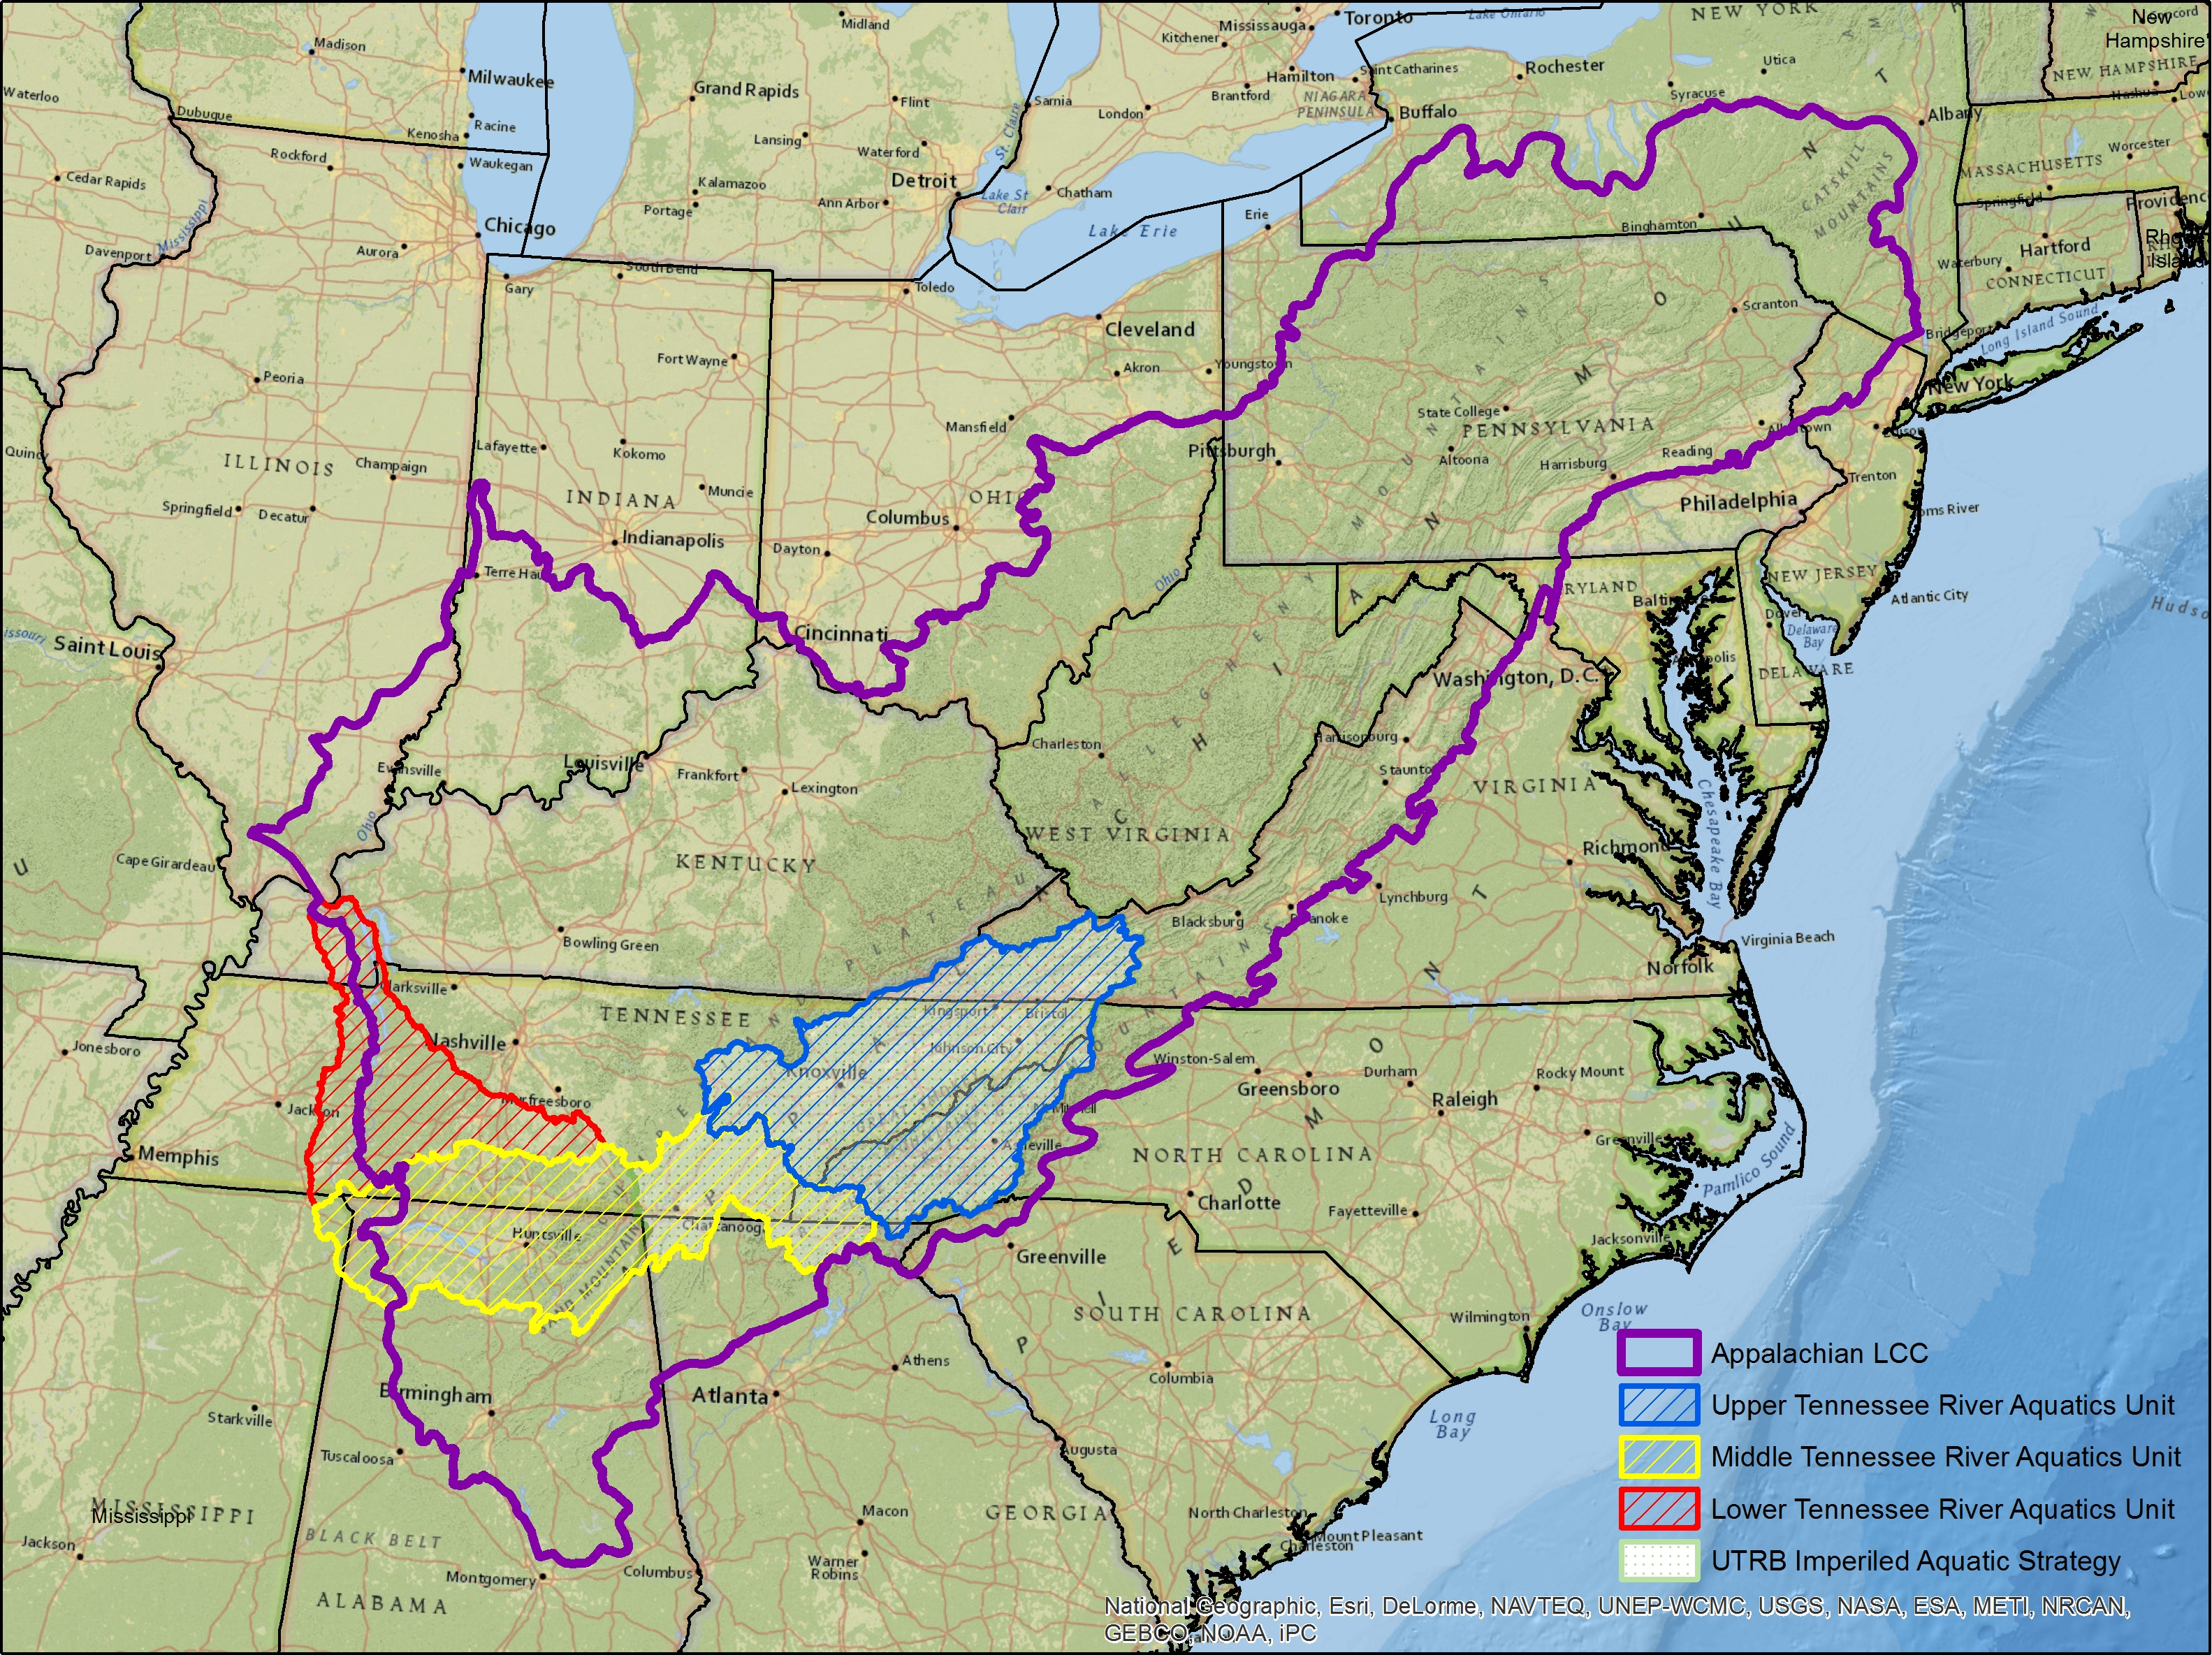 Tennessee River Basin Aquatic Units Map Tennessee River Basin - Tn river map